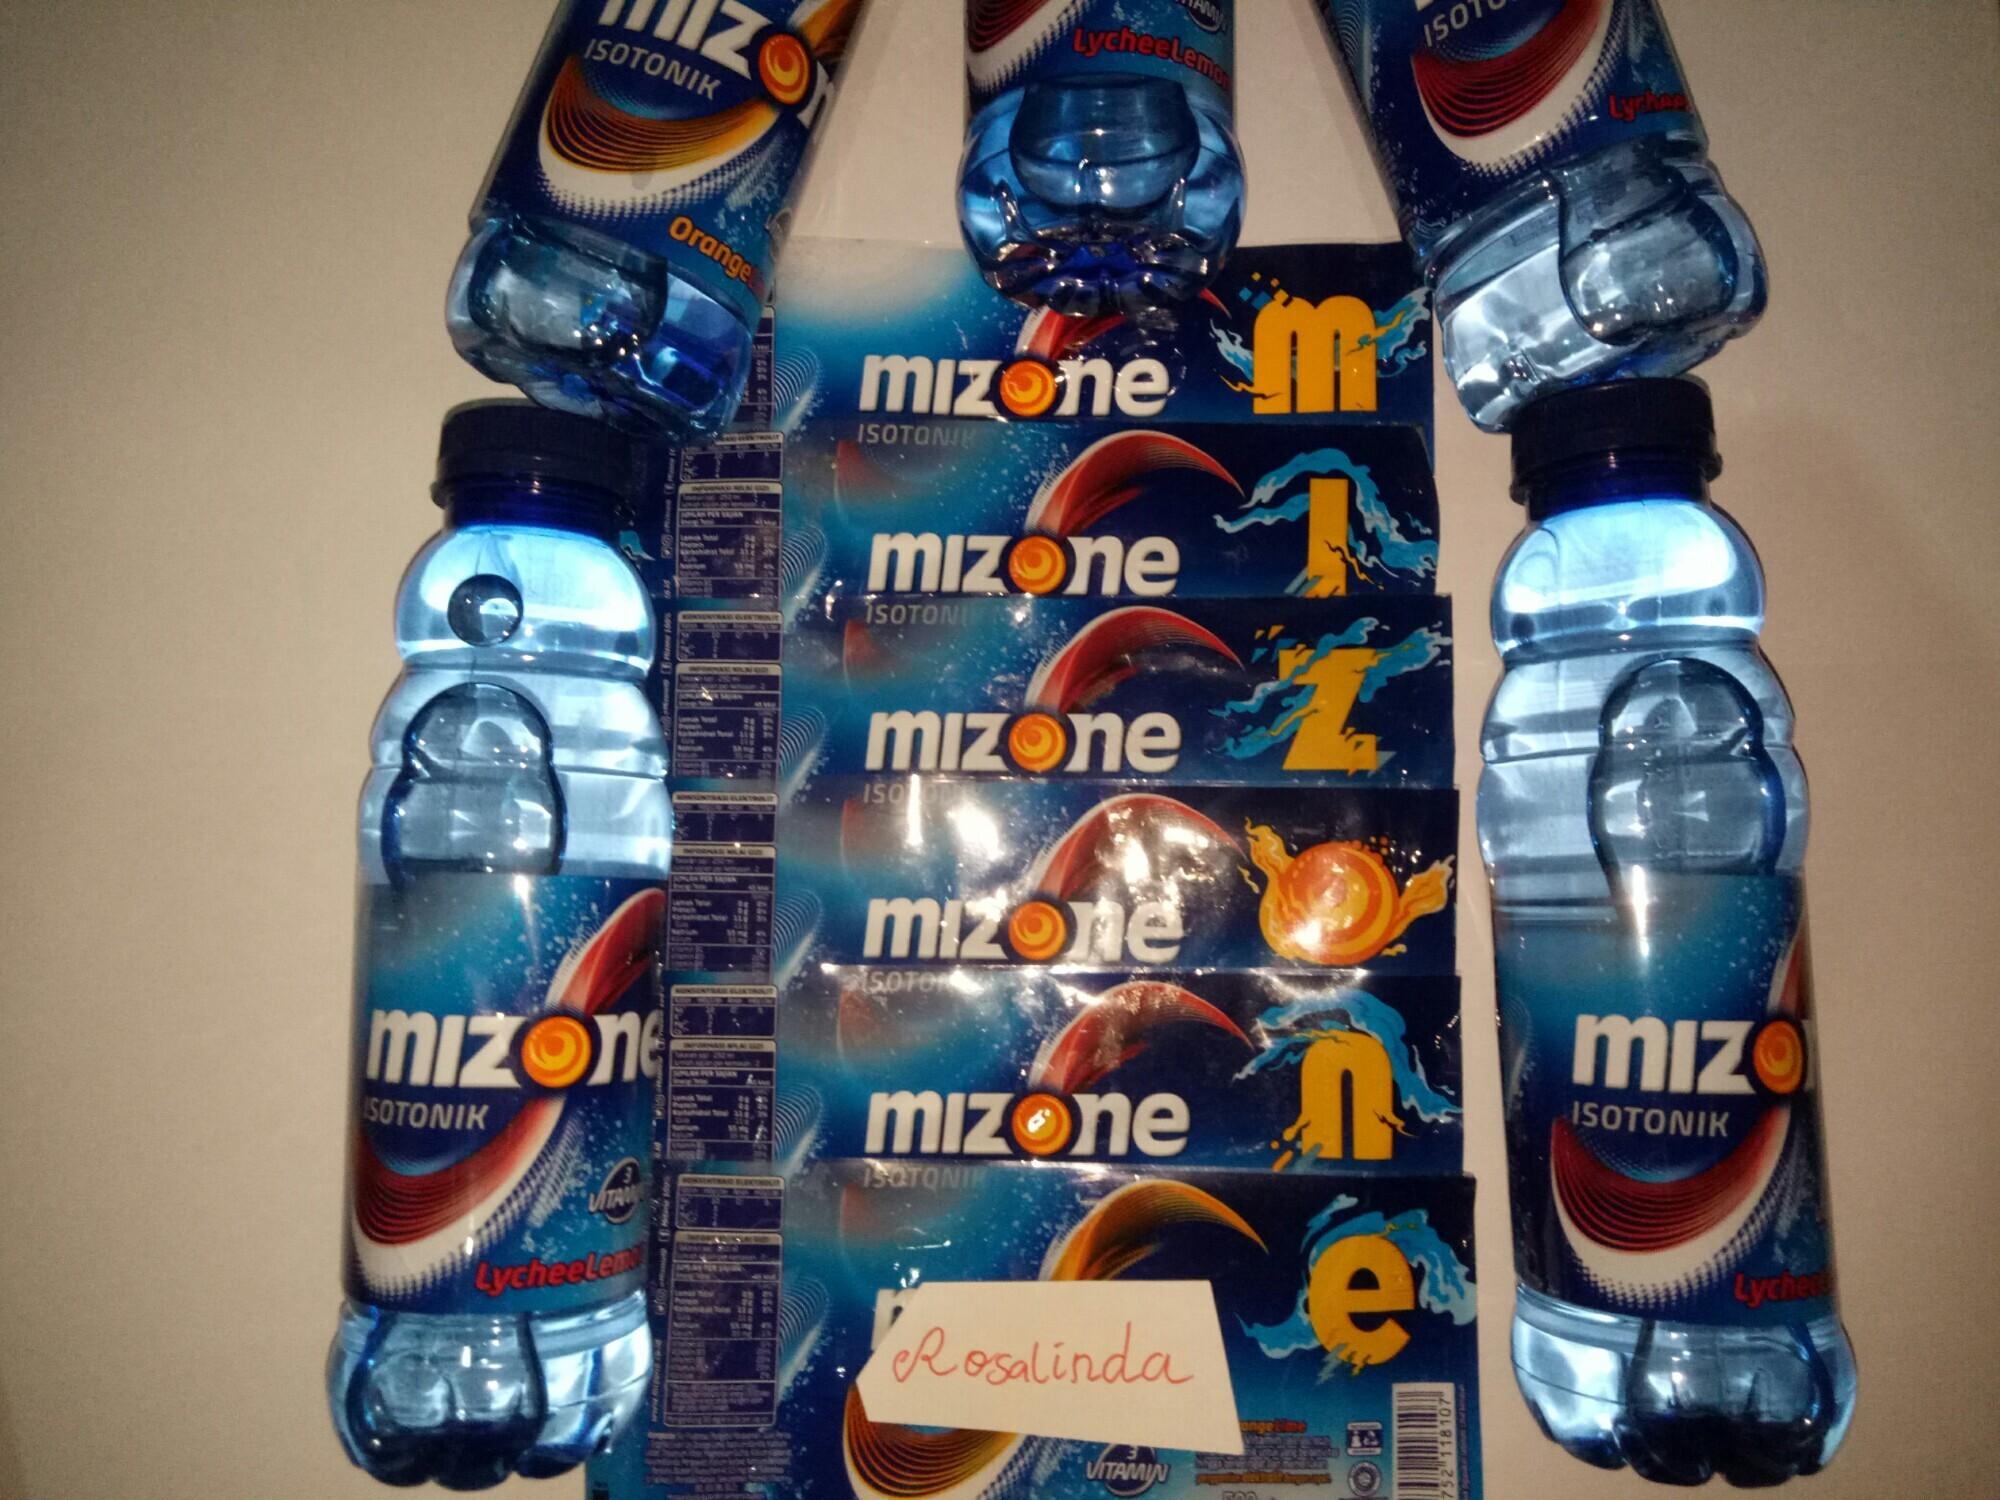 #KASKUSxMizone Mizone Bikin Saat Bersama Jadi Menyenangkan